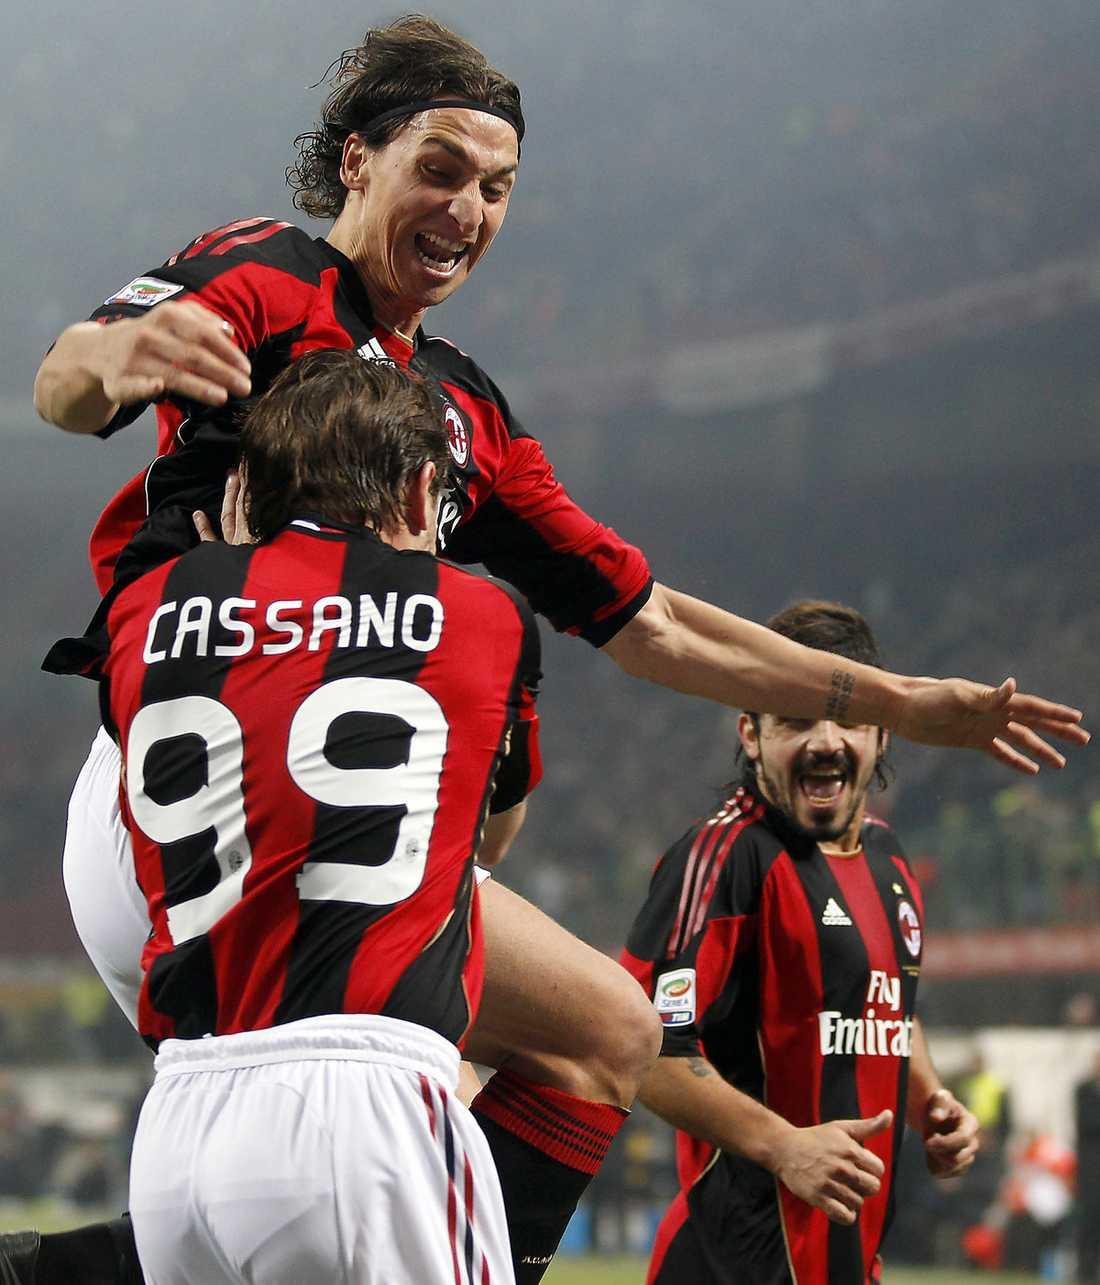 """Trivs ihop Zlatan hyllar sin nye lagkamrat. """"Cassano är en fantastisk spelare, inget snack"""", säger han till Sportbladet."""